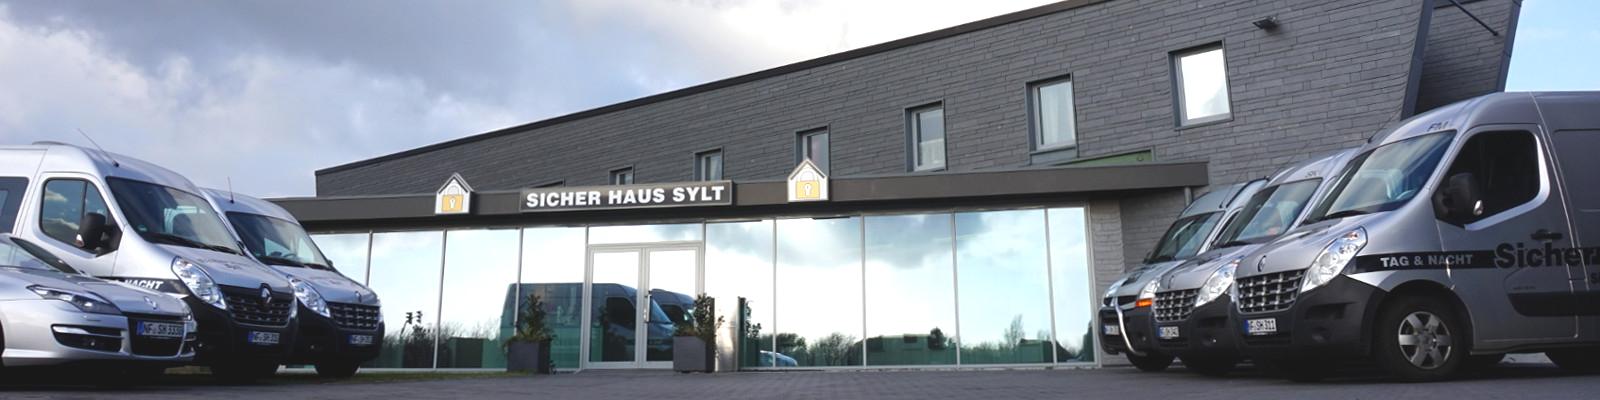 SicherHaus Sylt